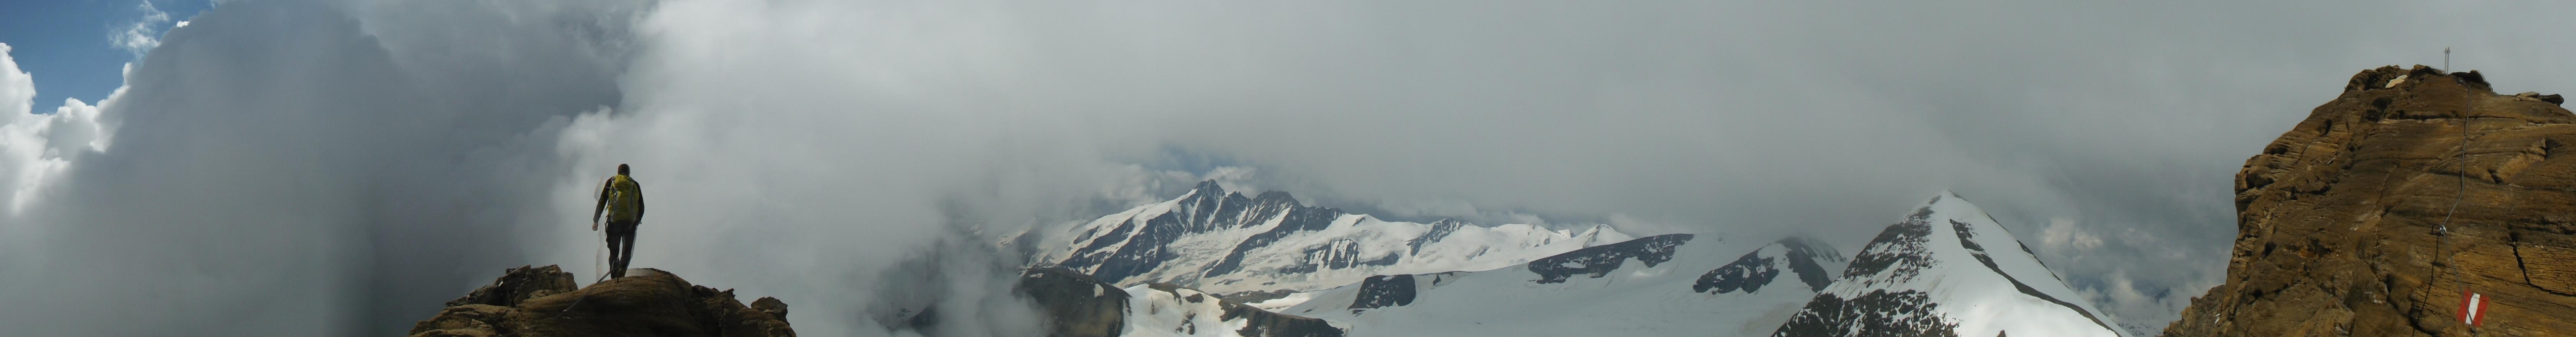 BergeBewegen-Panorama (3)